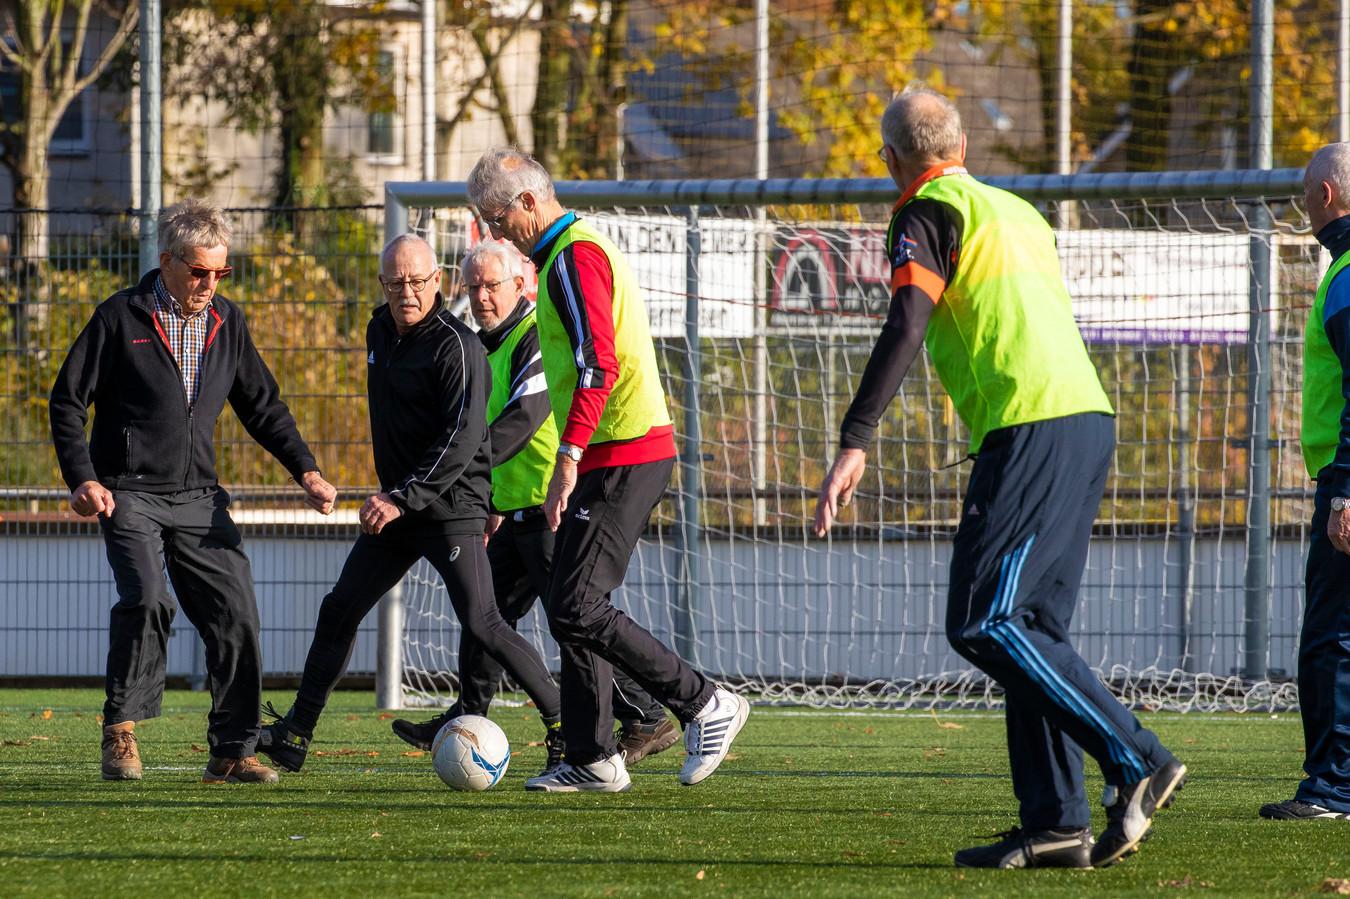 Voetbalclub GVV '63 is als eerste club in de Bommelerwaard begonnen met Walking Footbal. NIVO-Sparta volgt het goede voorbeeld.